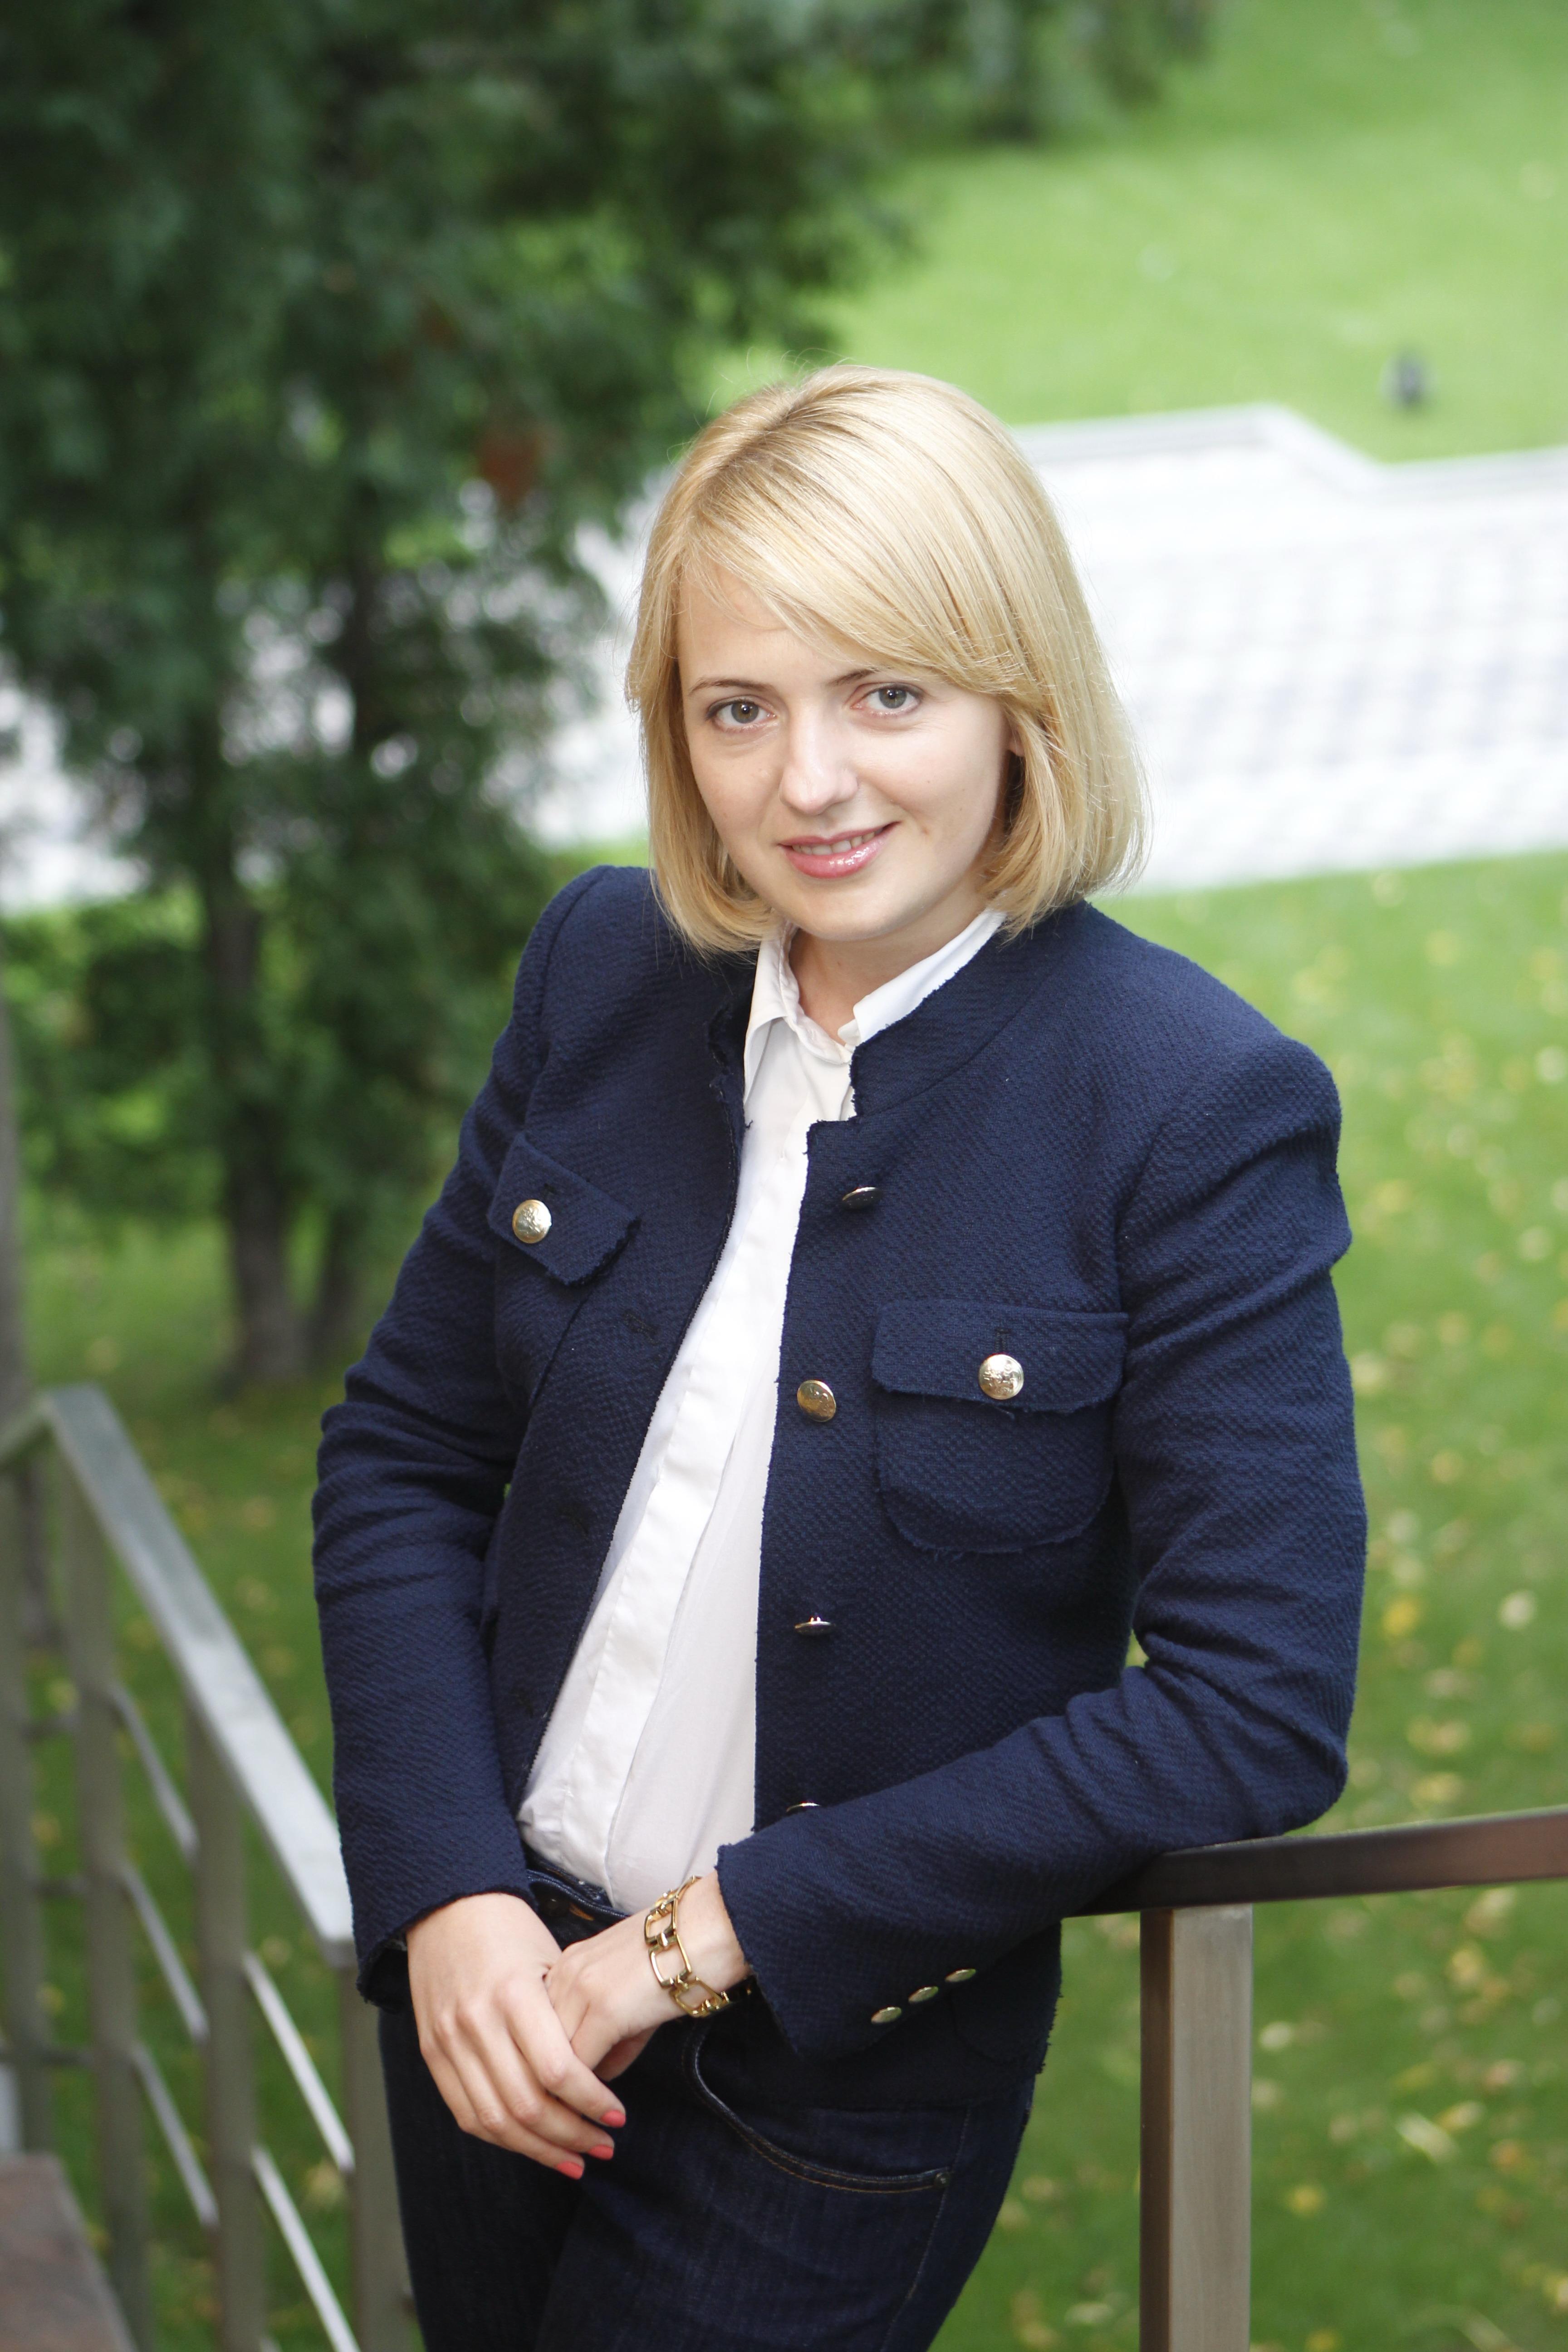 """Екатерина Щеглова, директор по развитию издательства """"Экономика"""", главный редактор журнала """"Майбутне"""", студентка London School of Business&Finance, MSc Strategic Marketing"""